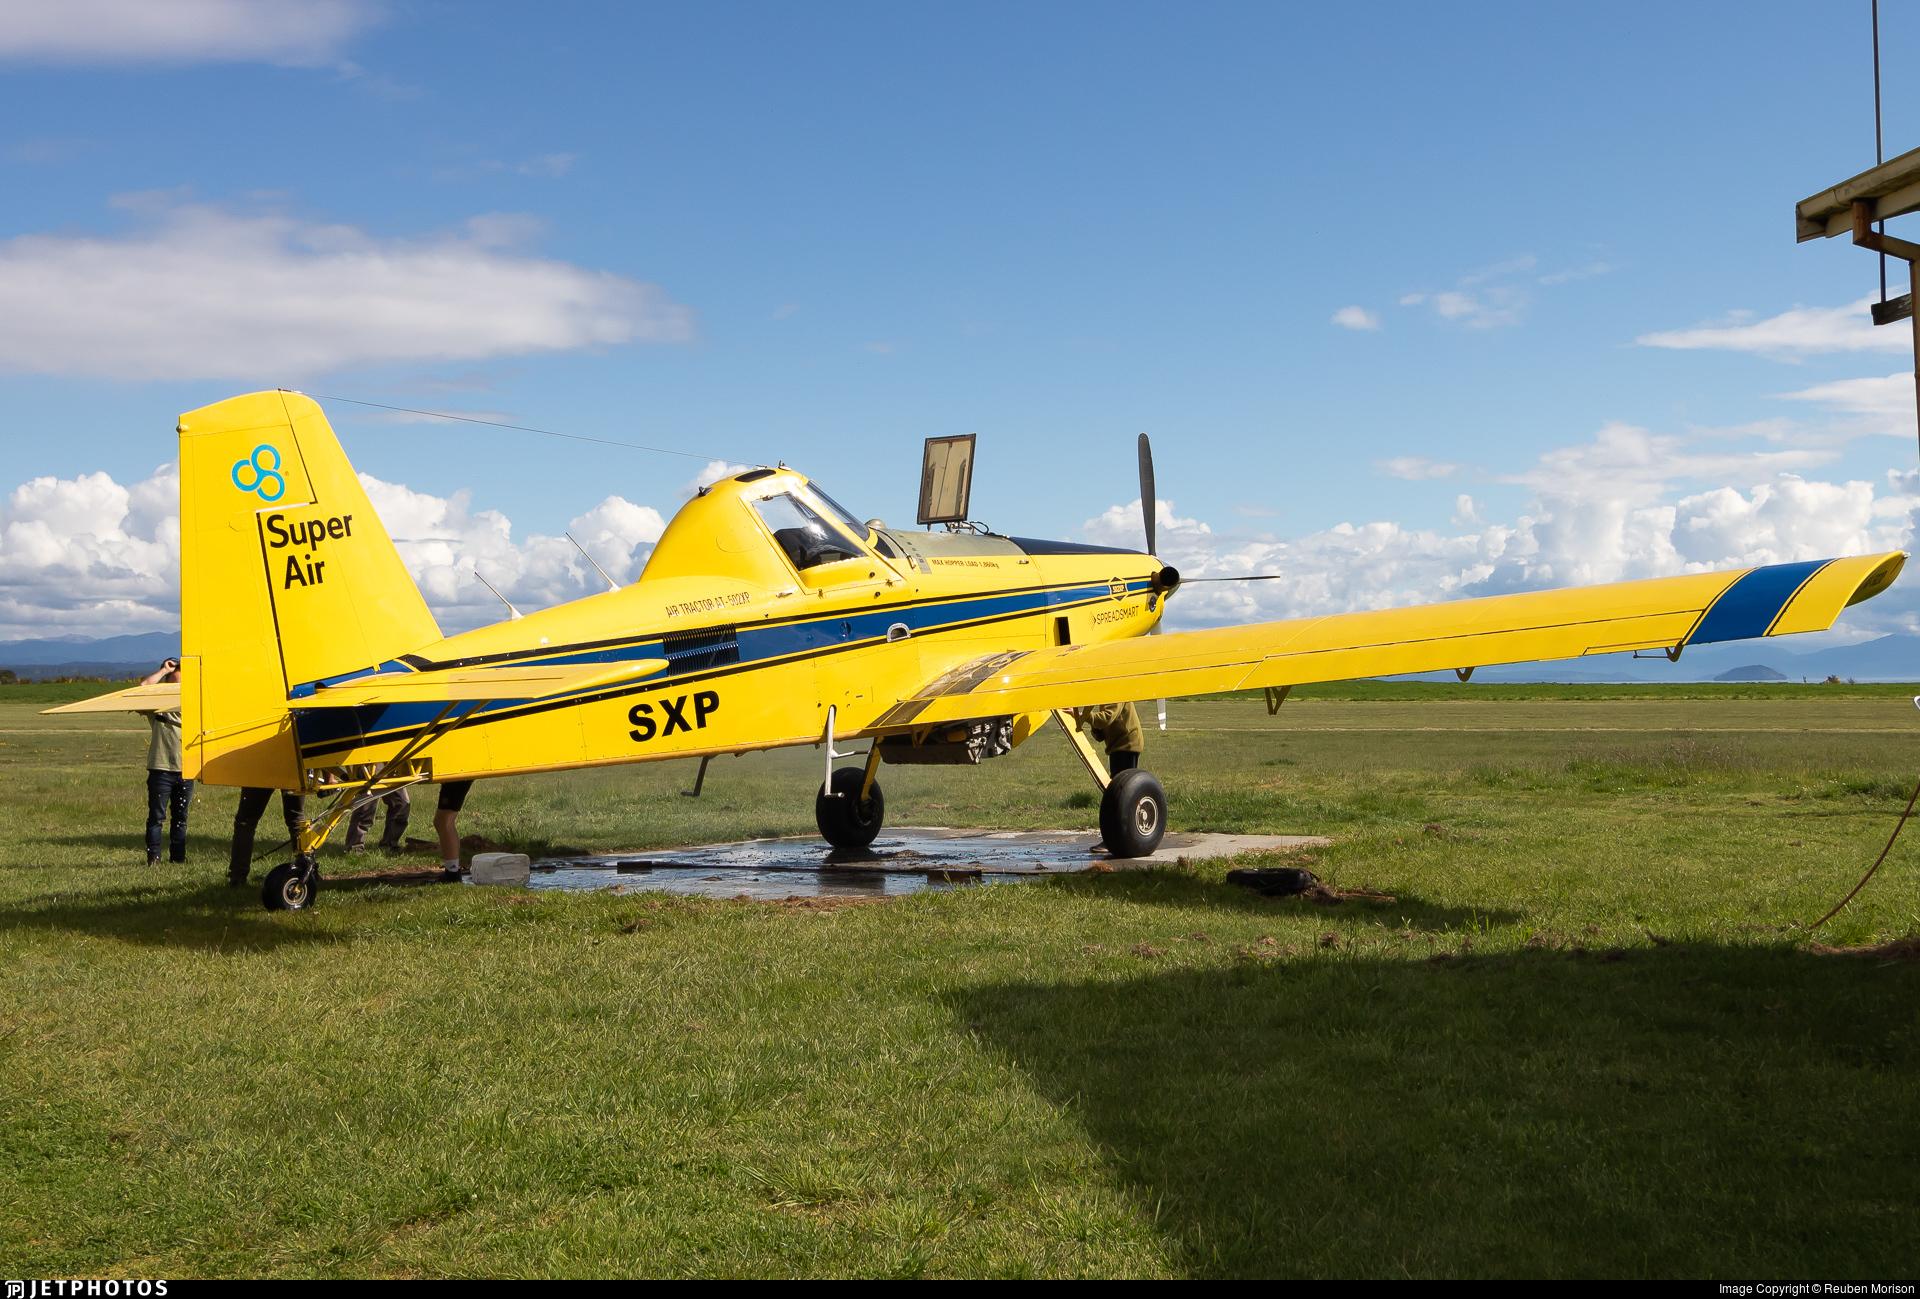 ZK-SXP - Air Tractor 502XP - Super Air